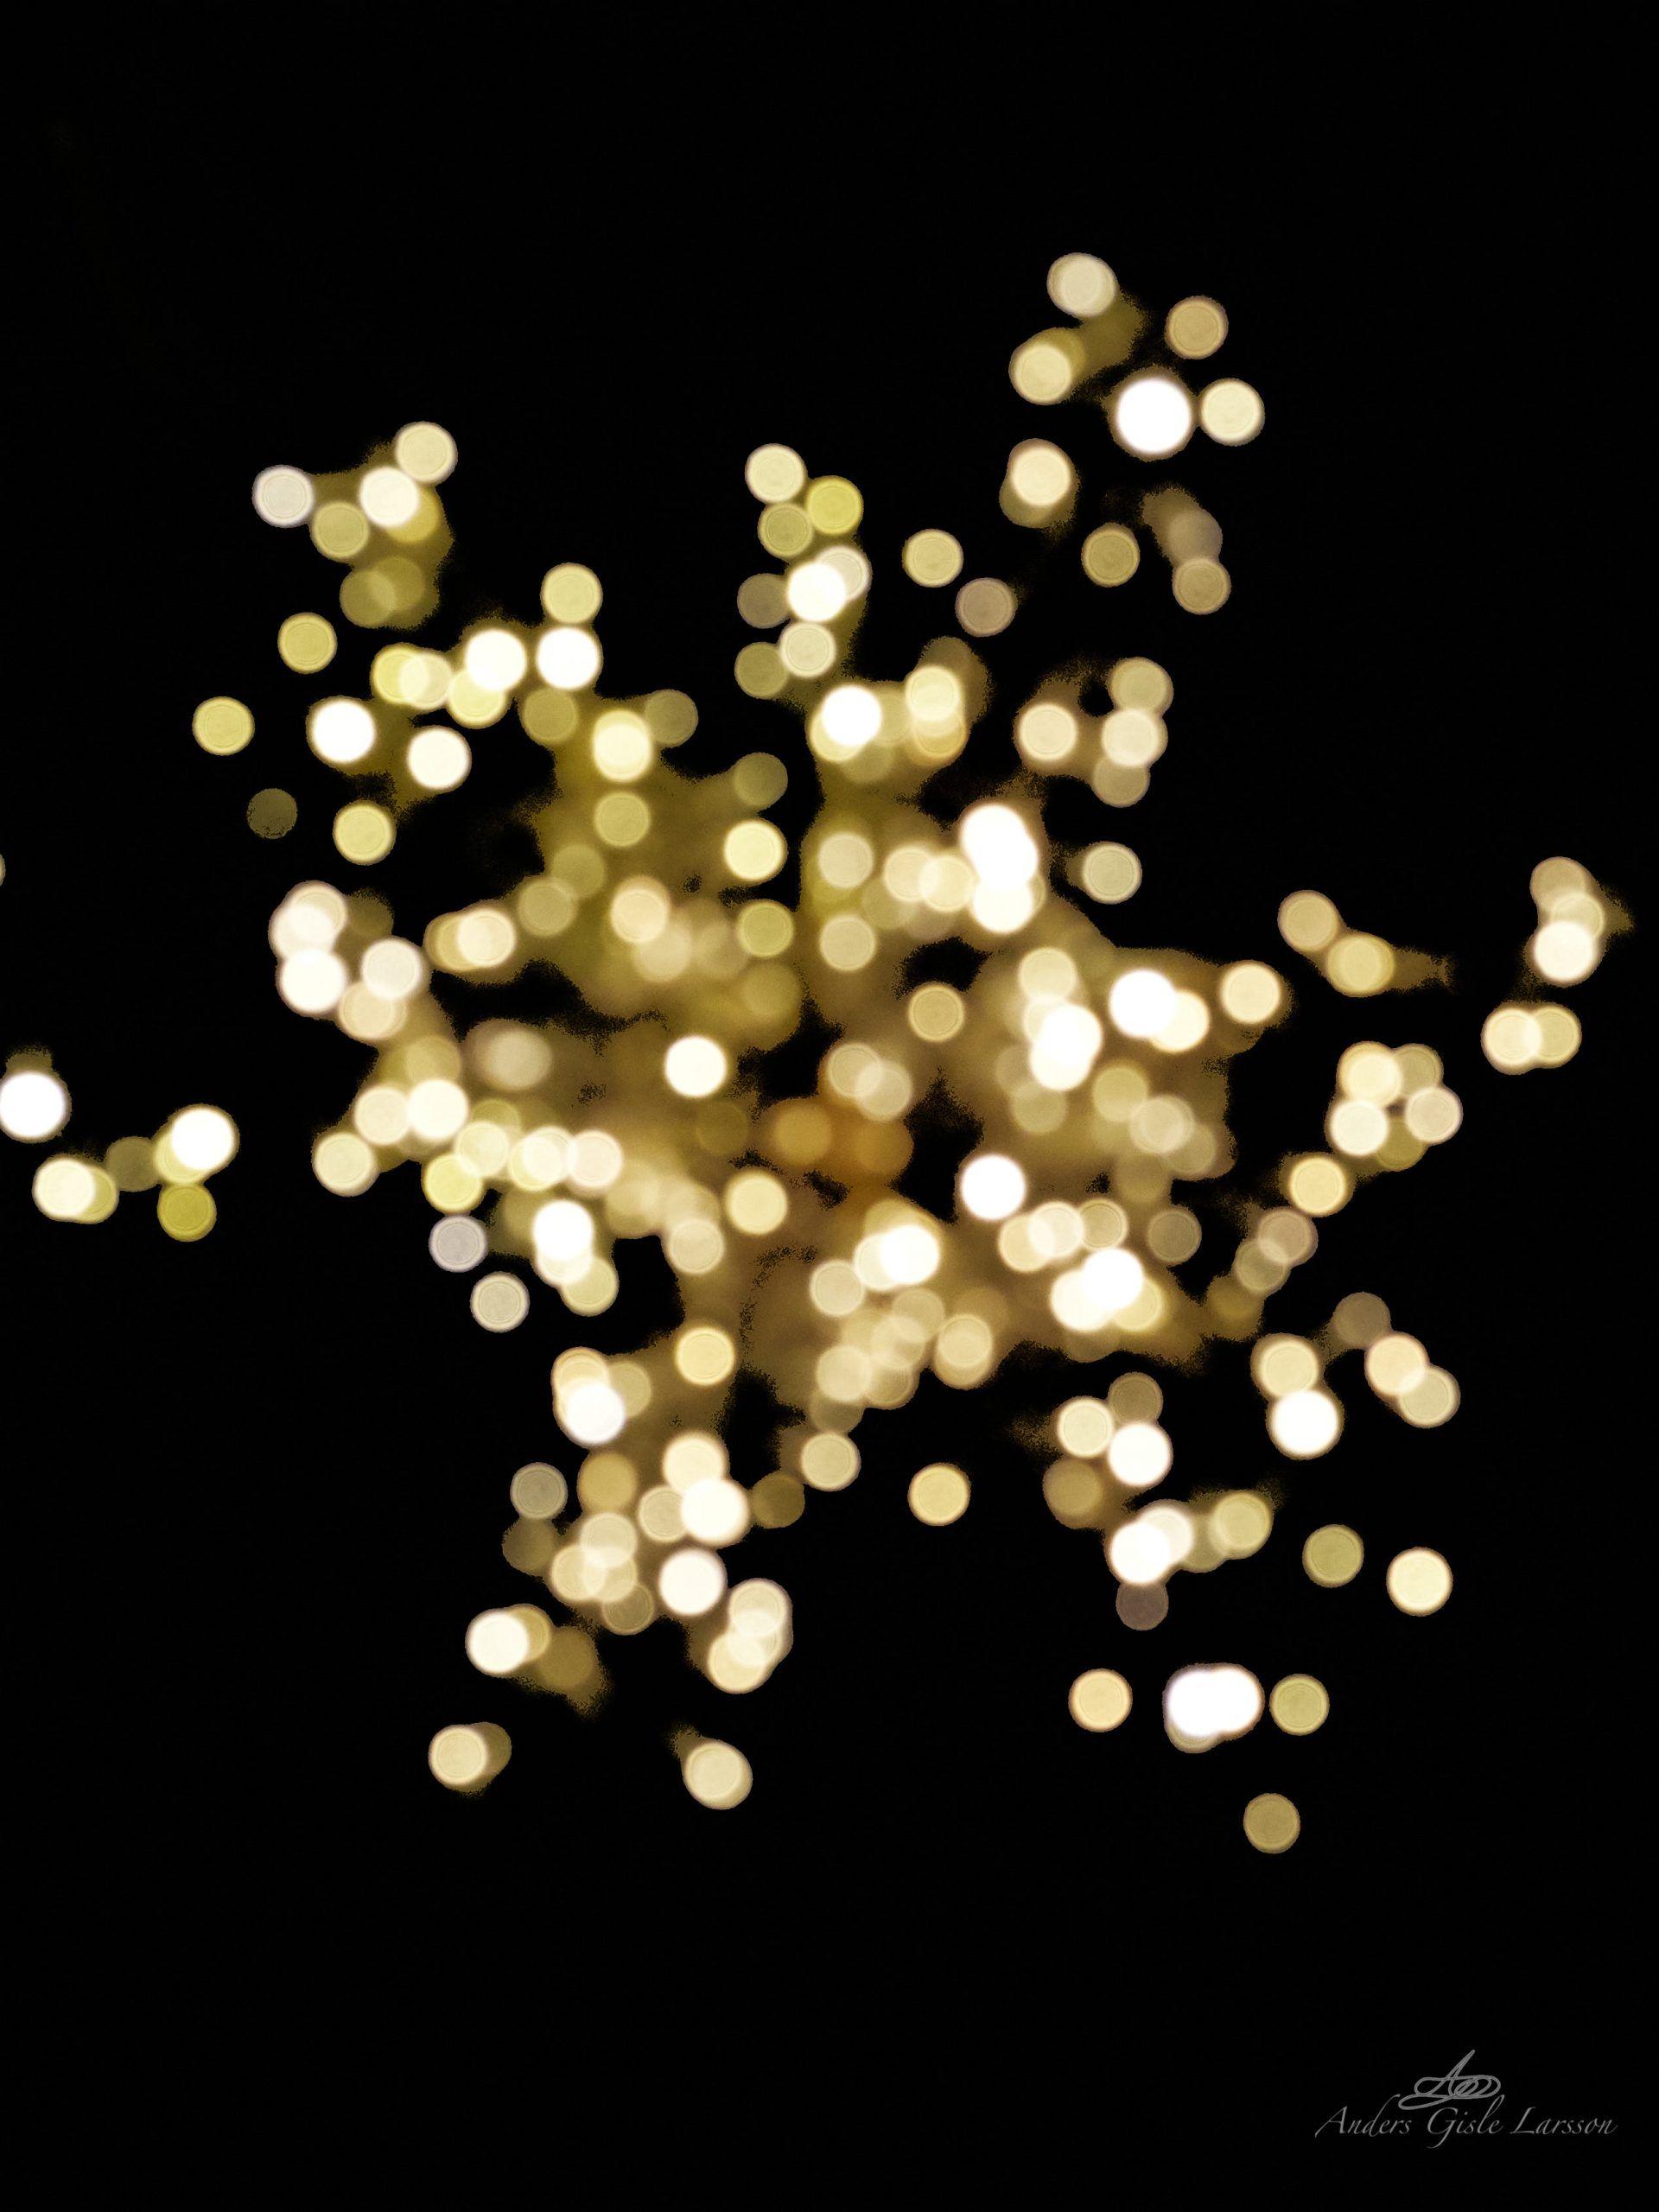 Lille Stjerne, 339/365, Uge 49, Randers